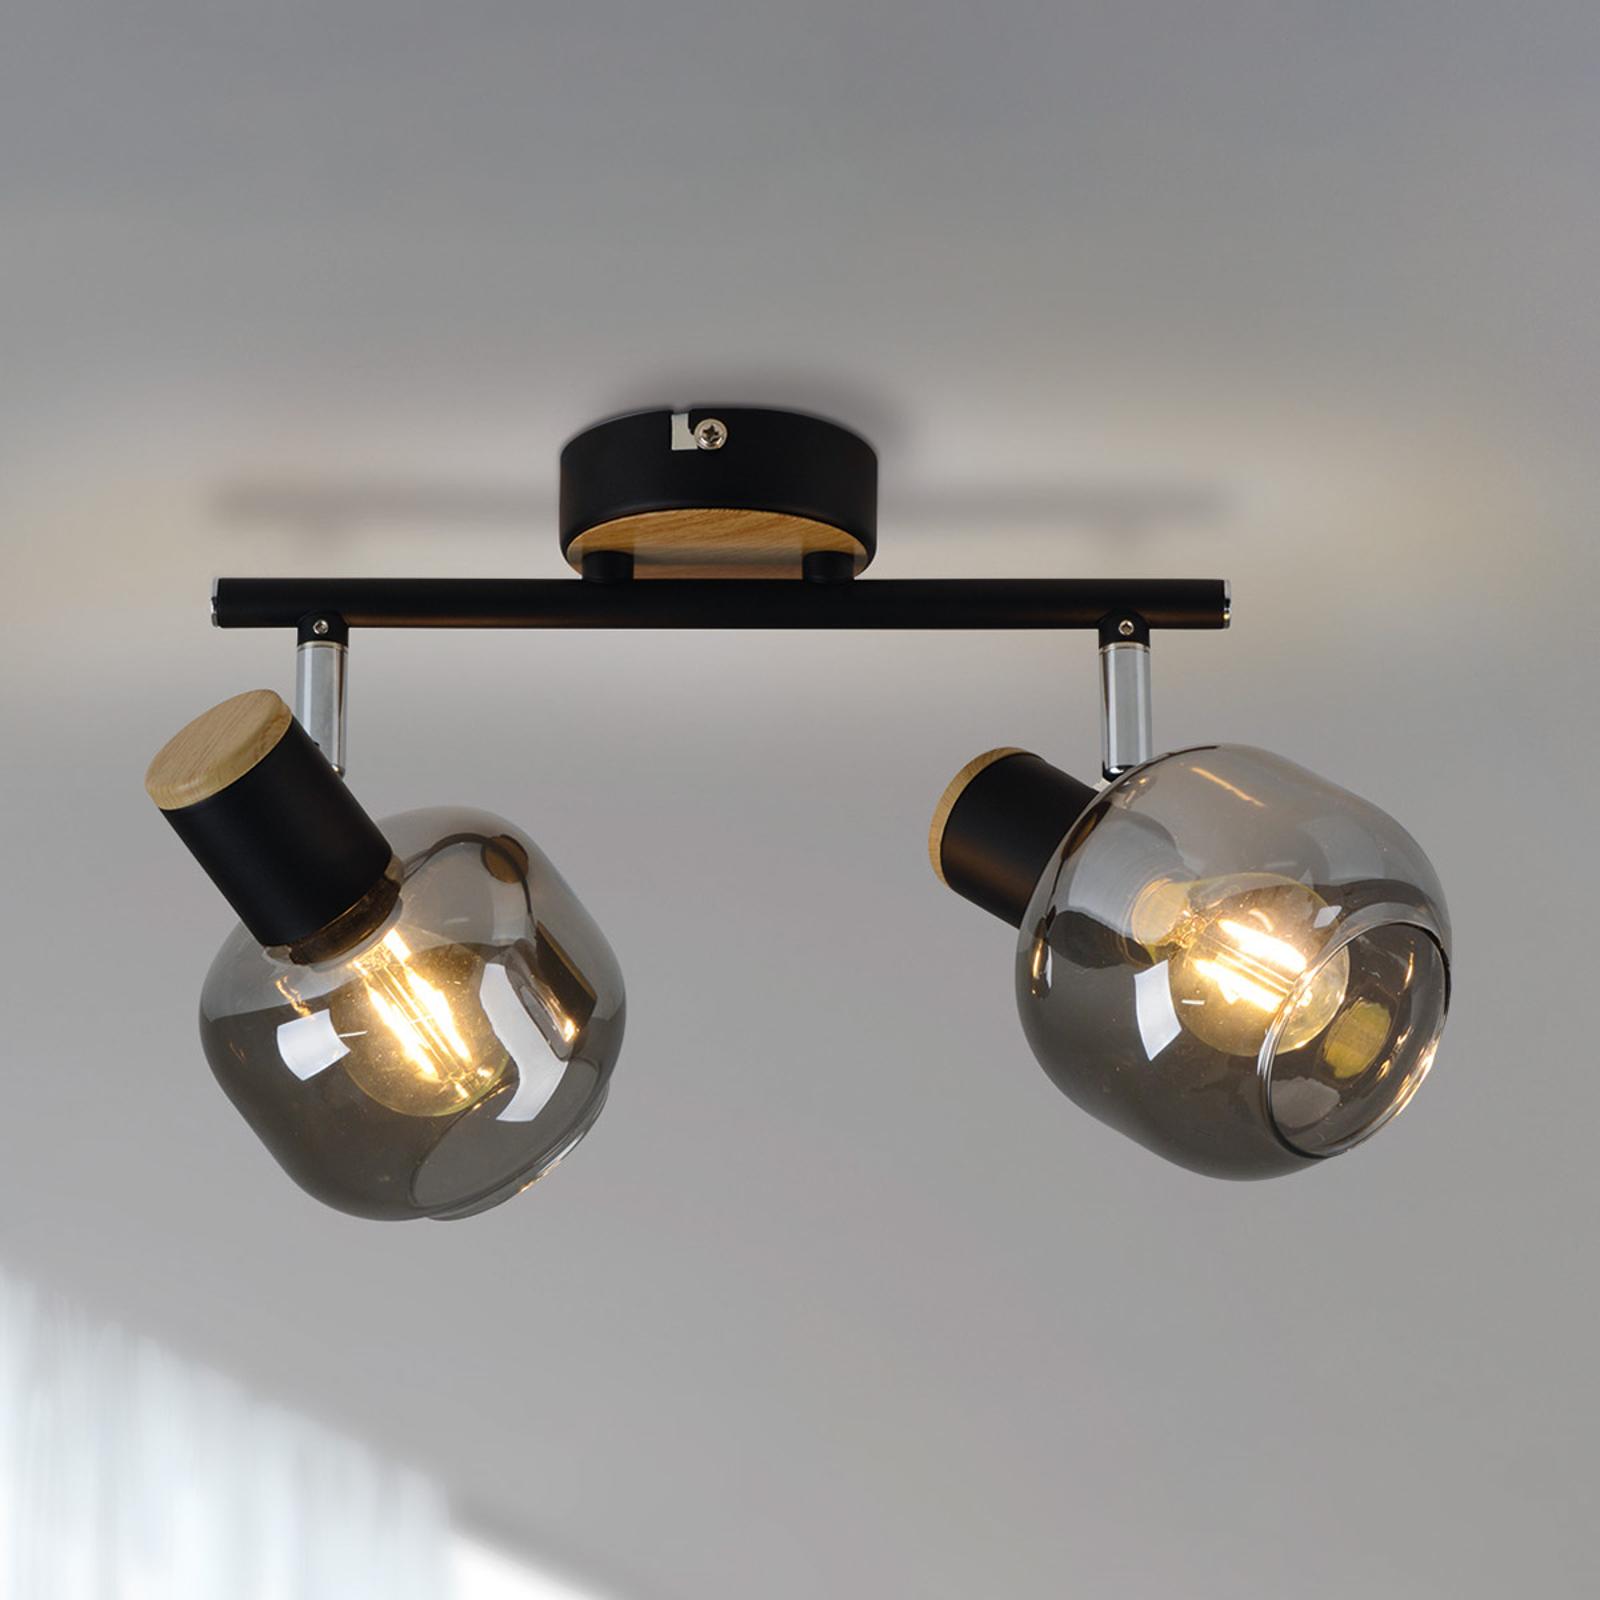 Lampa sufitowa 1350122 dymione szkło, 2-punktowa